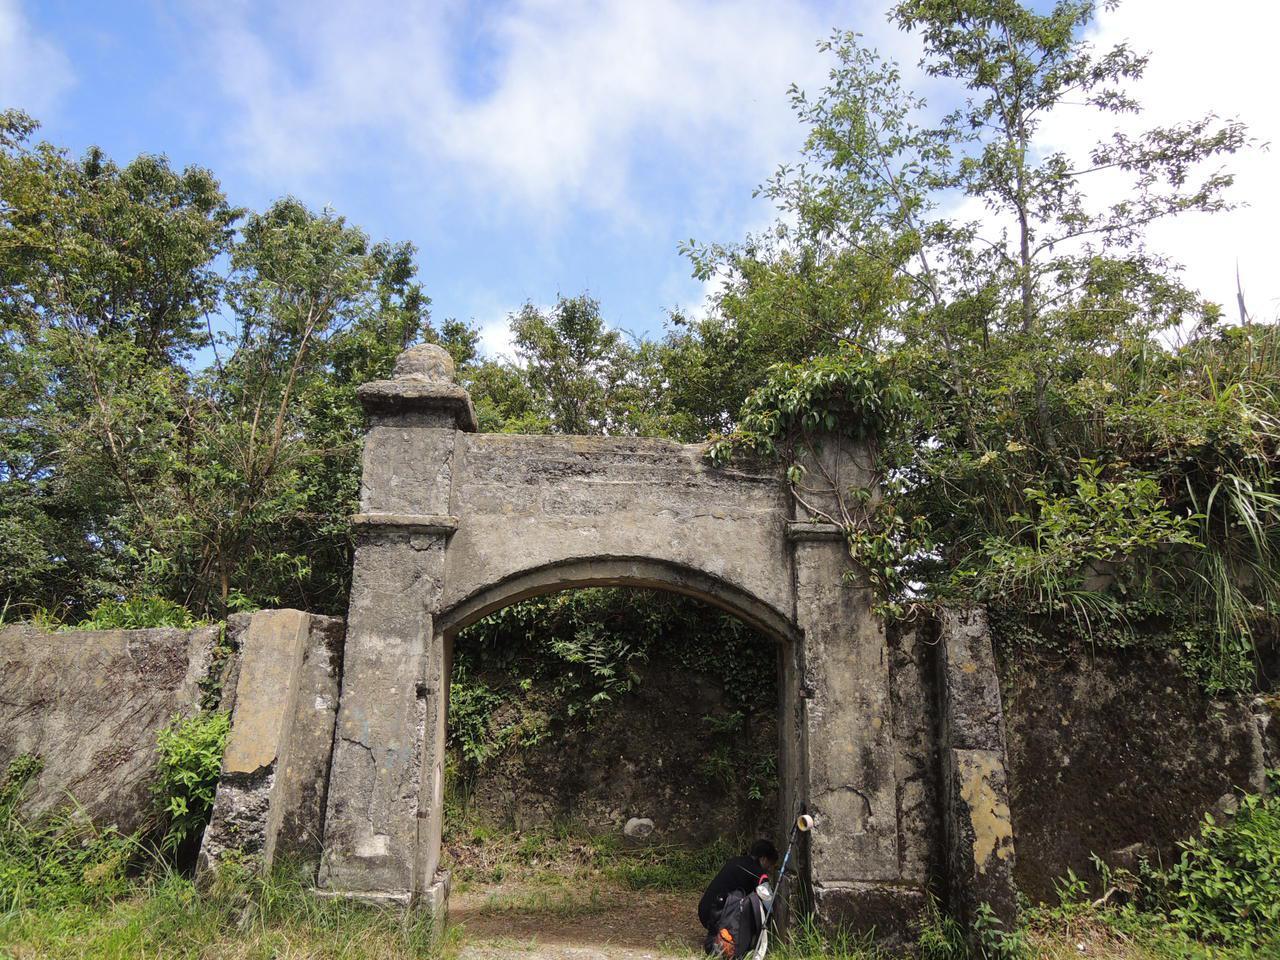 新竹縣尖石鄉擁有100多年歷史的李崠山古堡,在2003年被指定為縣定古蹟,為日治...